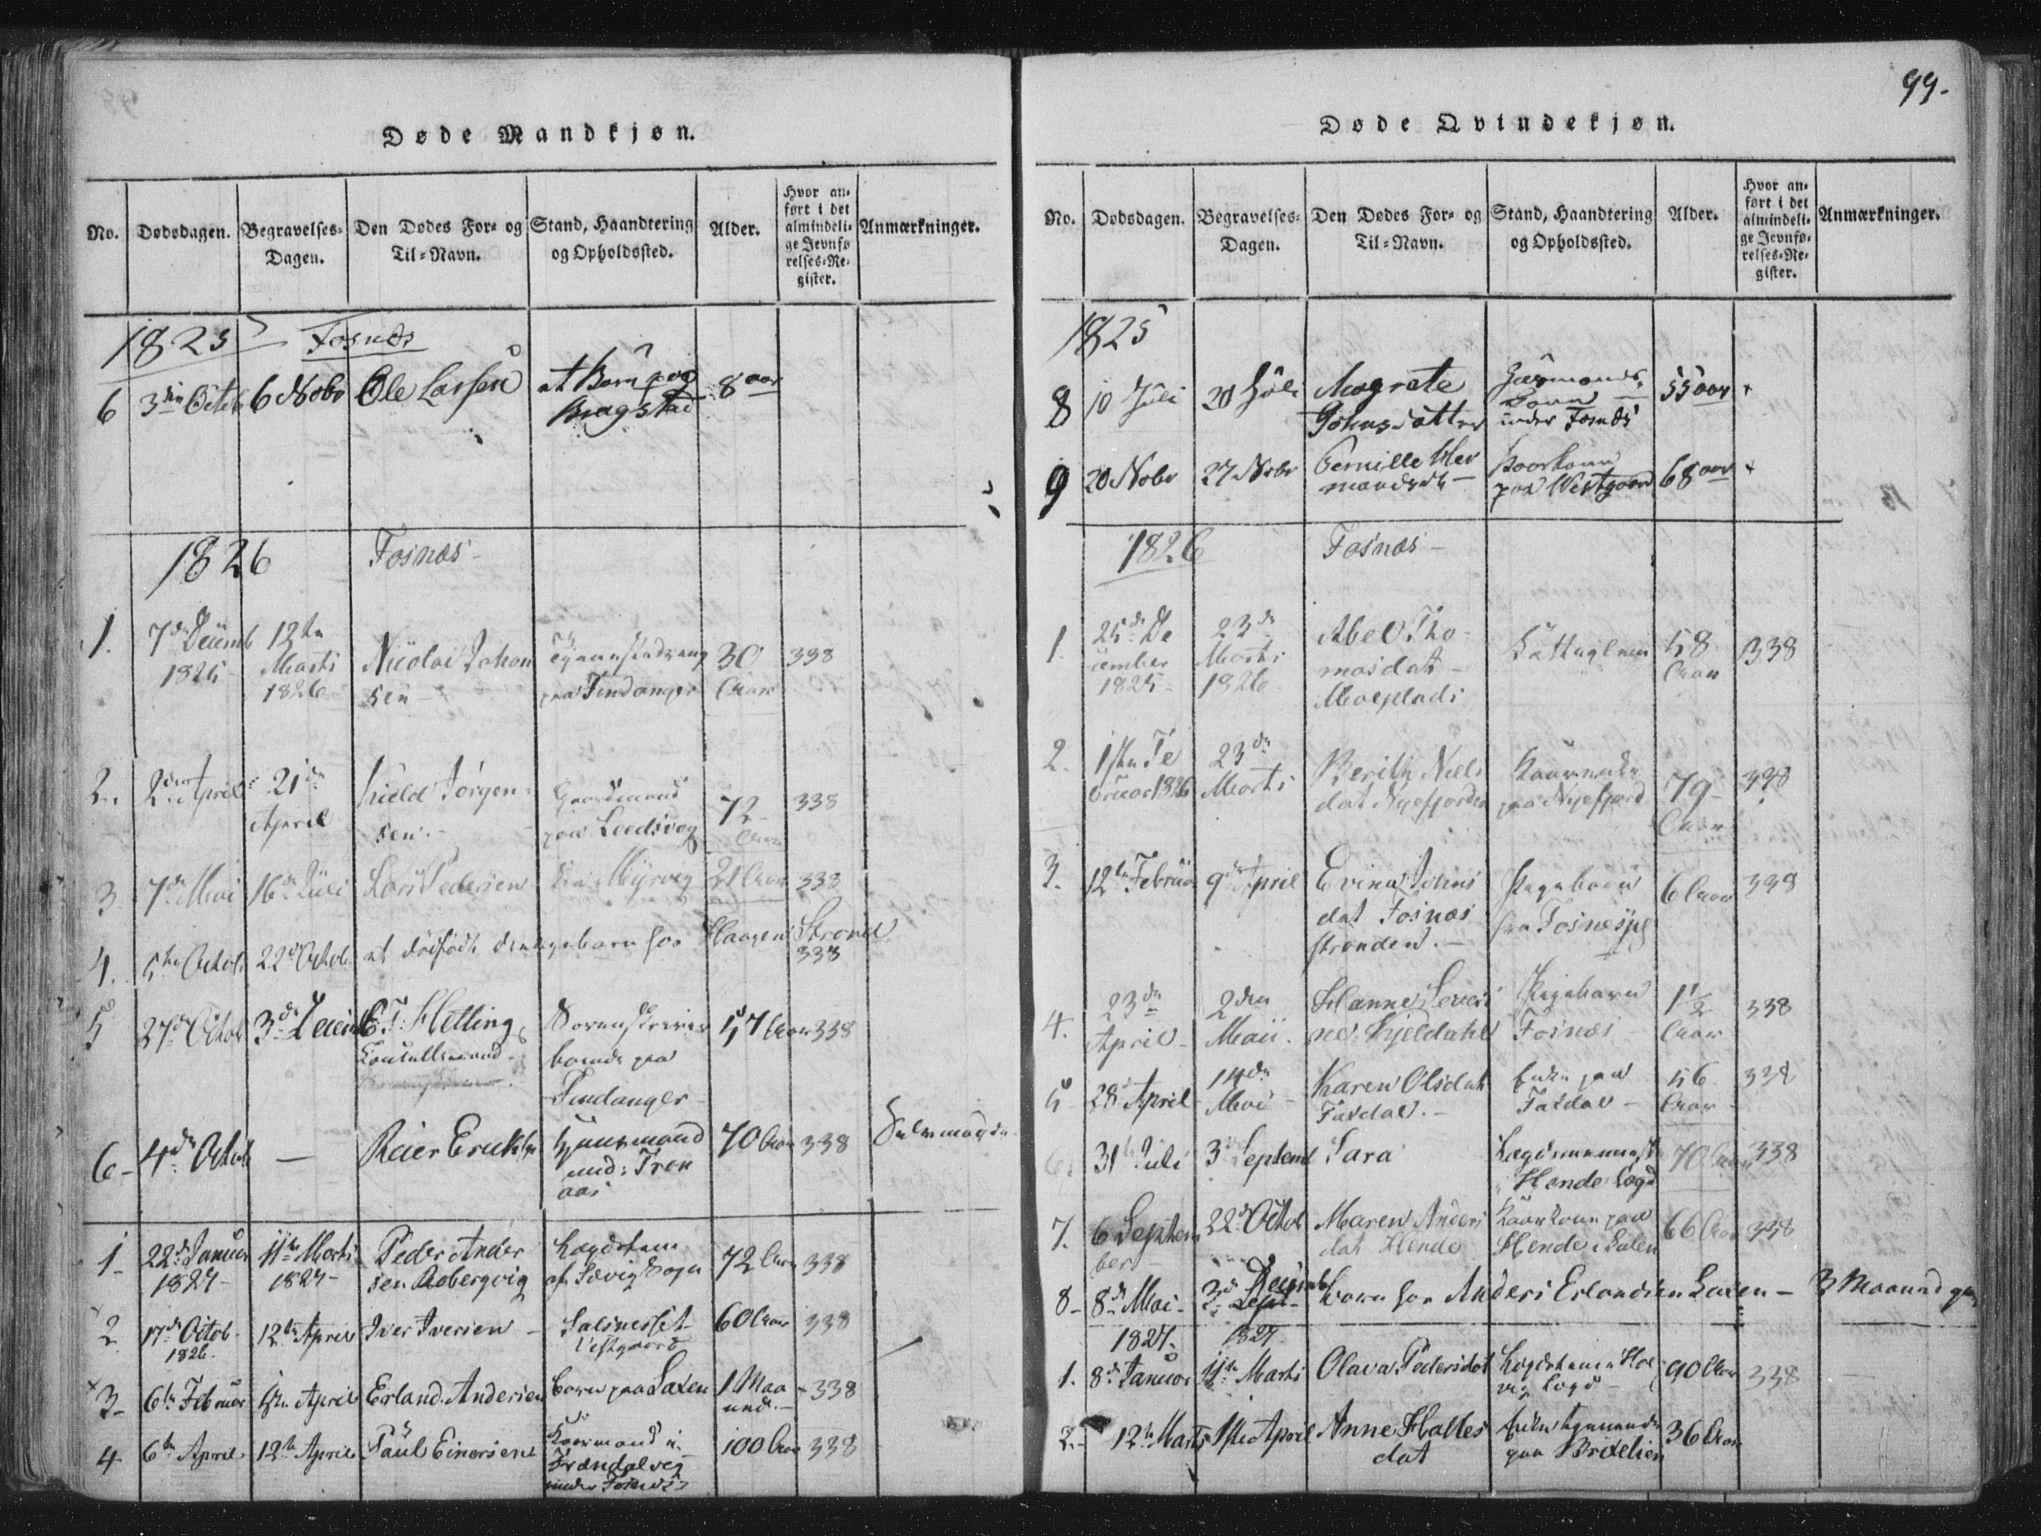 SAT, Ministerialprotokoller, klokkerbøker og fødselsregistre - Nord-Trøndelag, 773/L0609: Ministerialbok nr. 773A03 /1, 1815-1830, s. 99